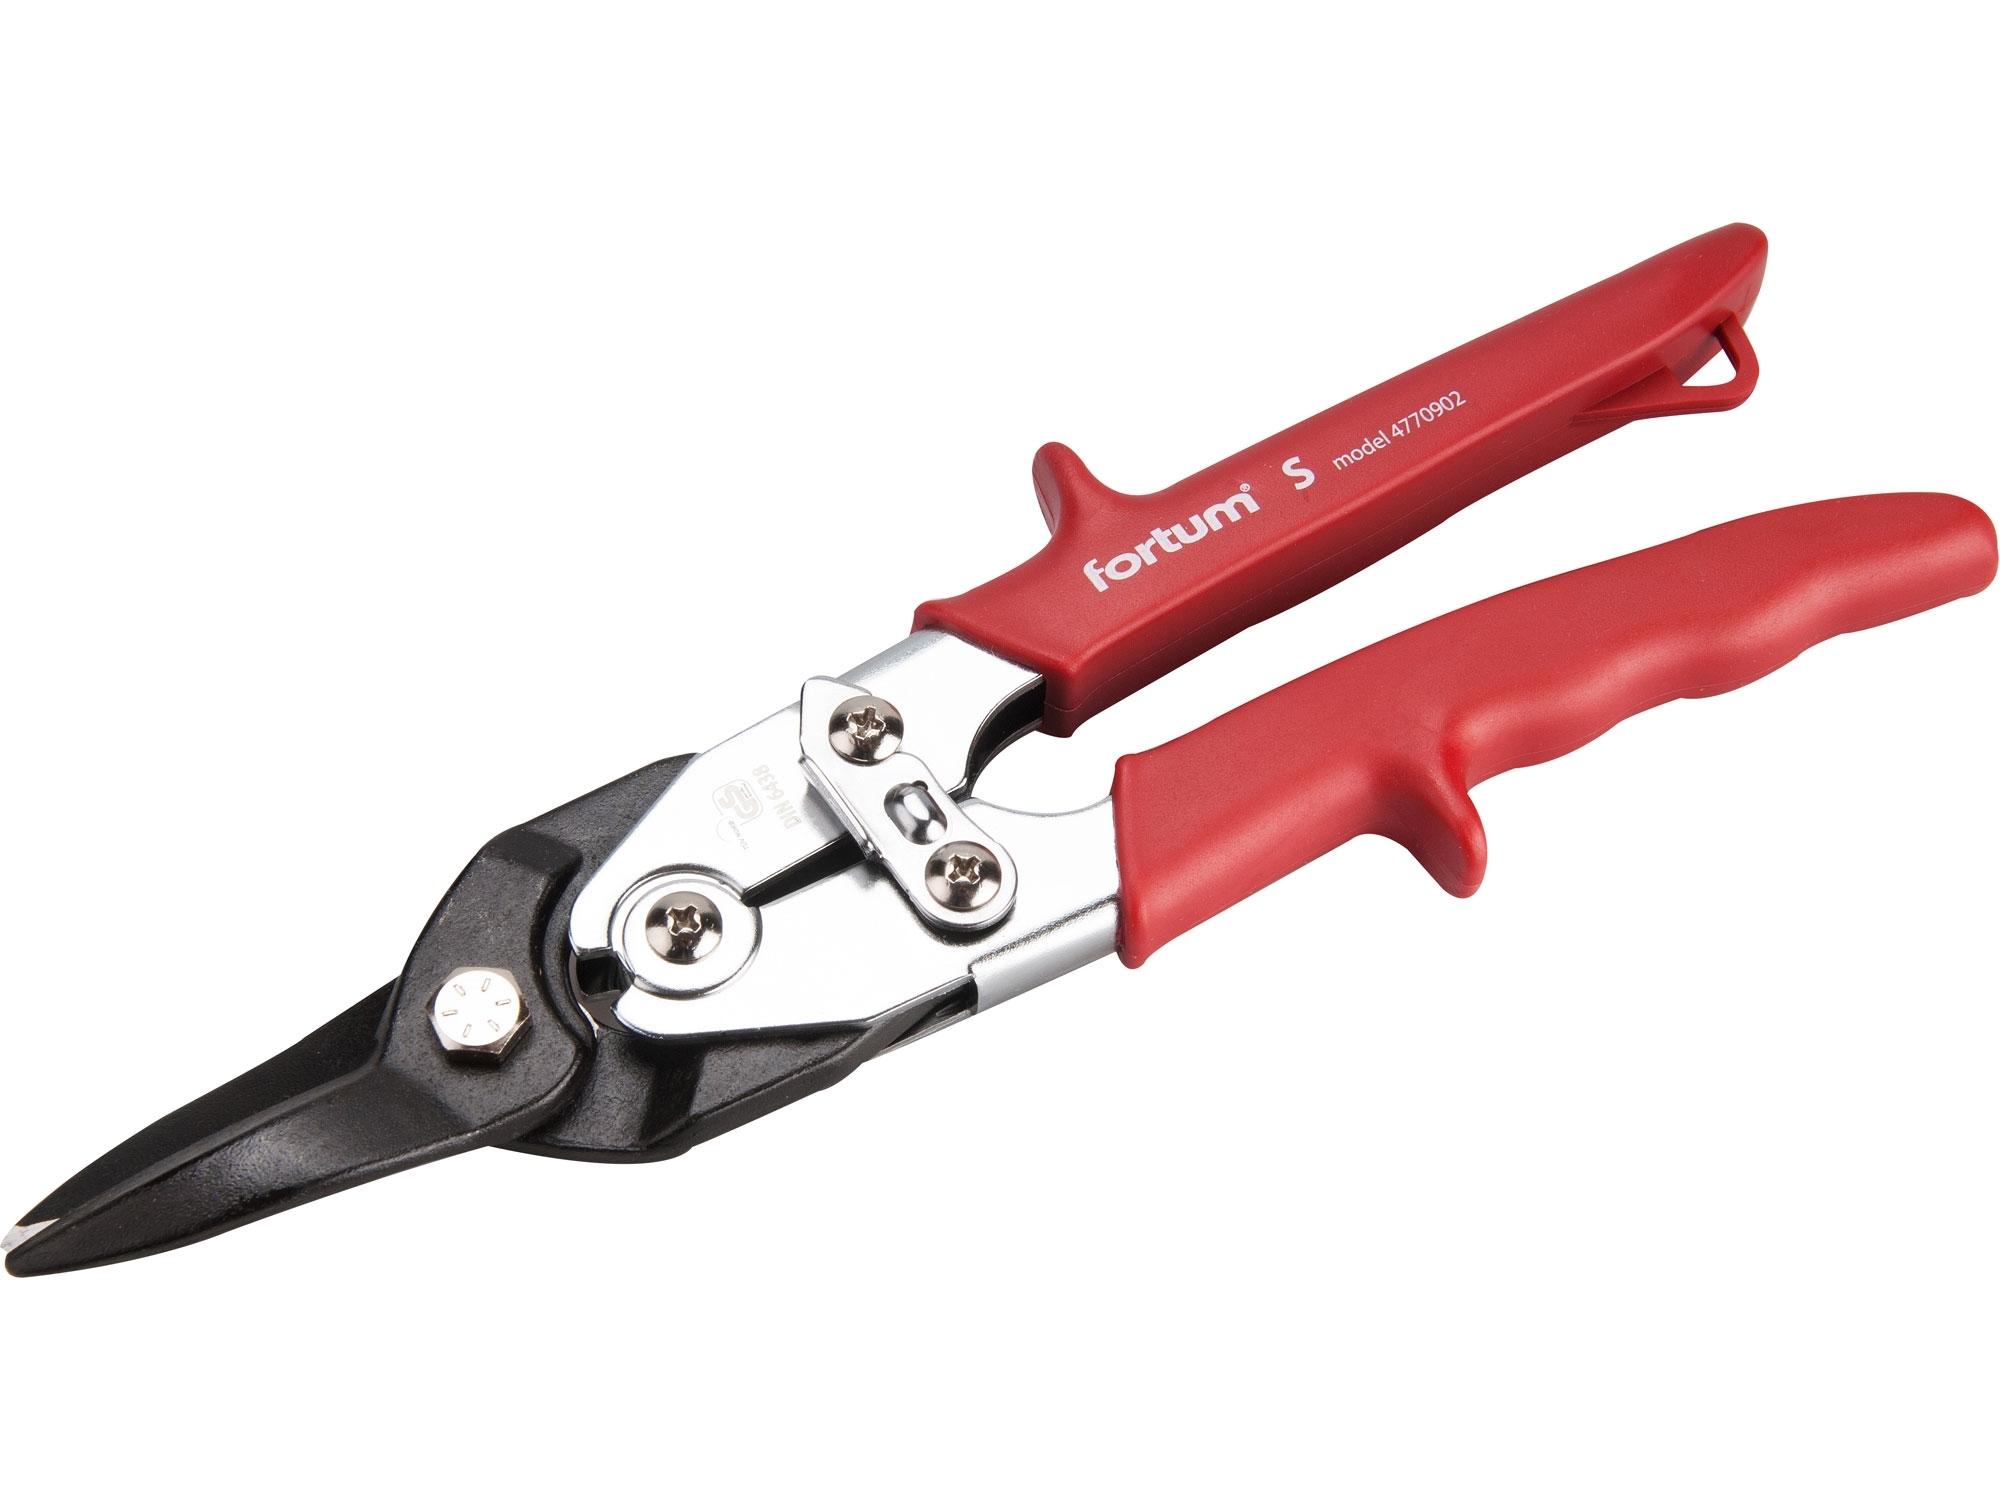 nůžky na plech převodové, 255mm, rovné, CrMoV, FORTUM 4770902